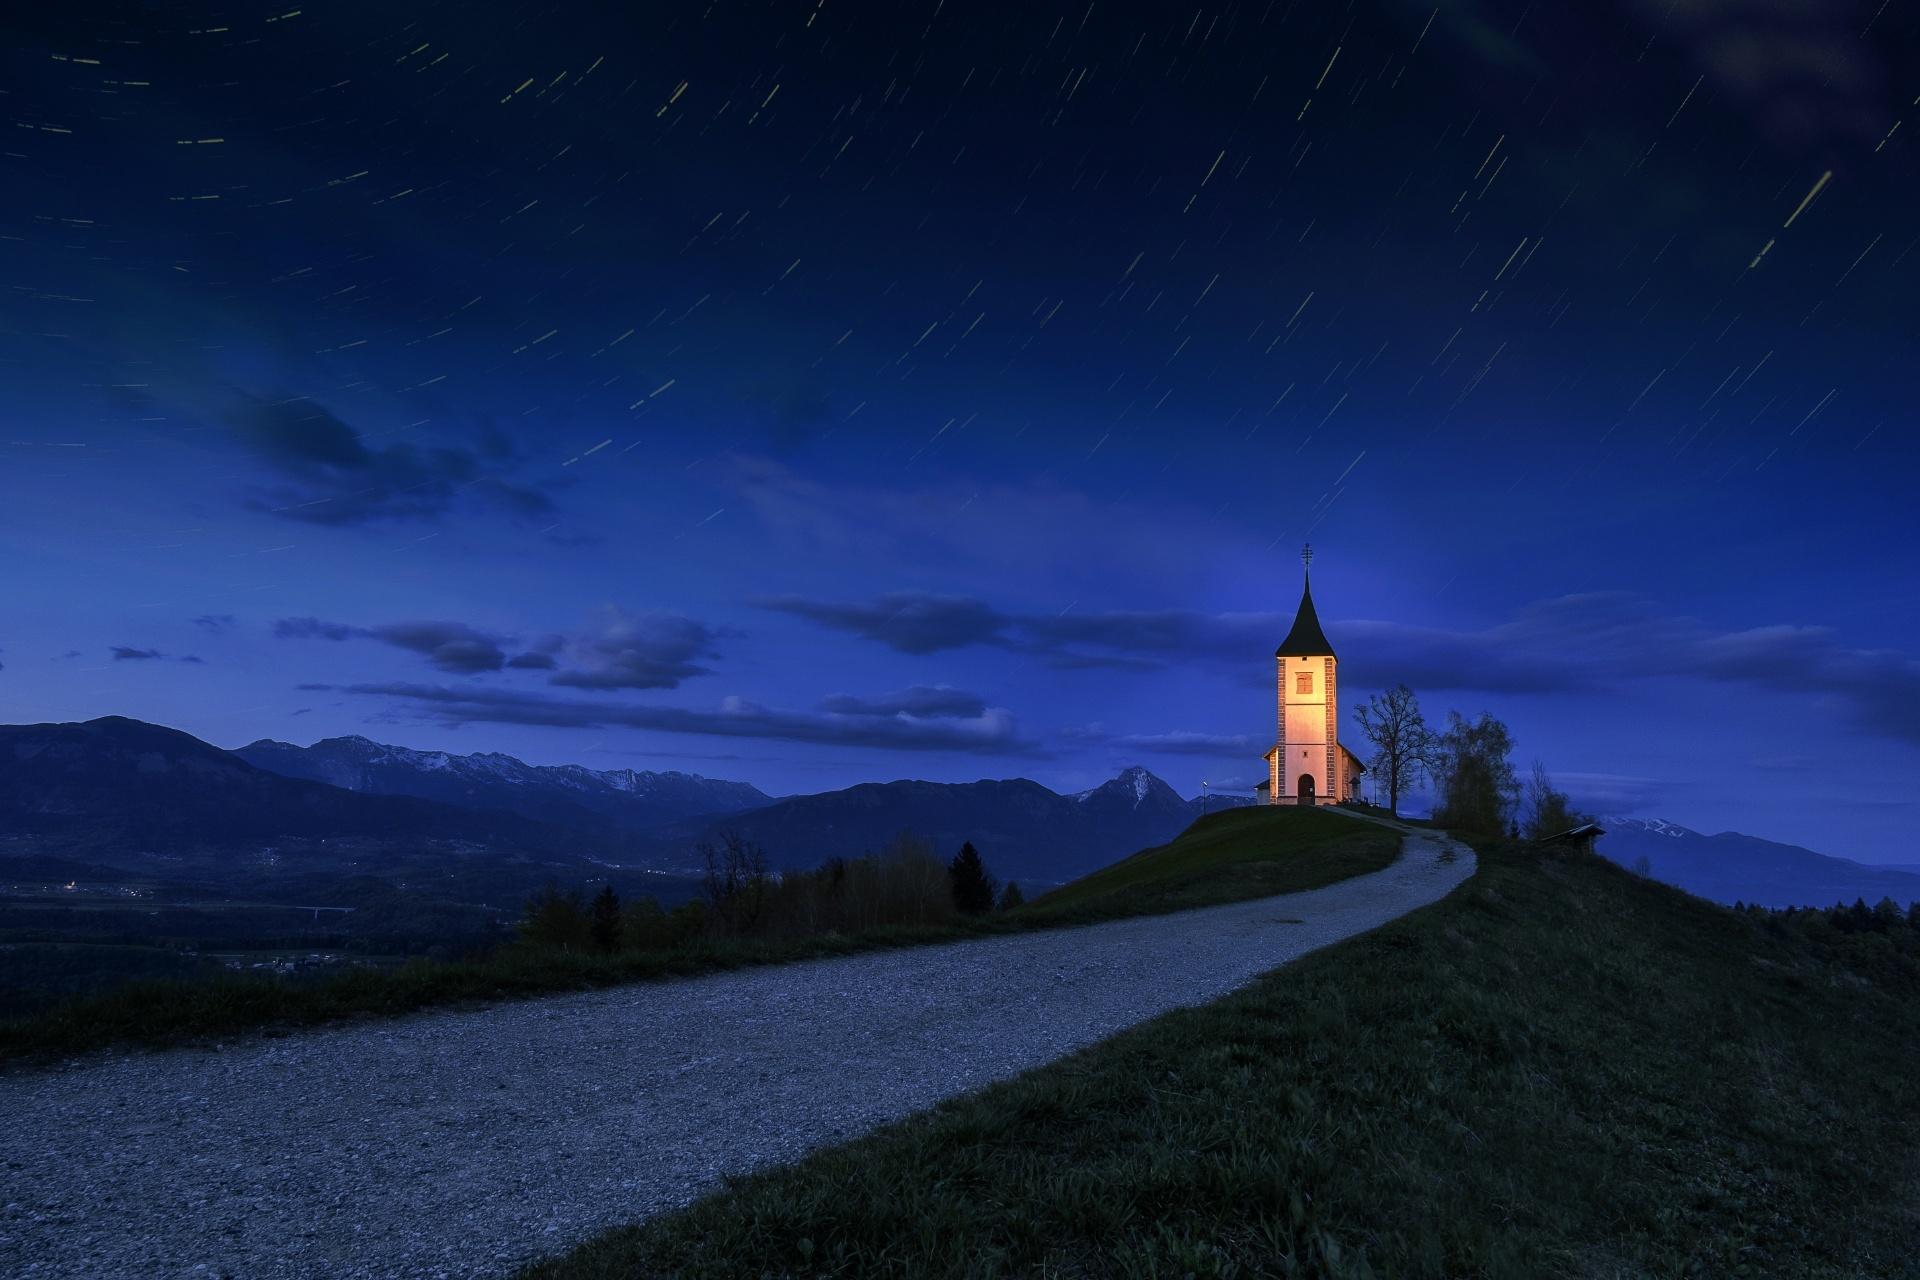 ヤムニクの教会のある風景 スロベニアの風景